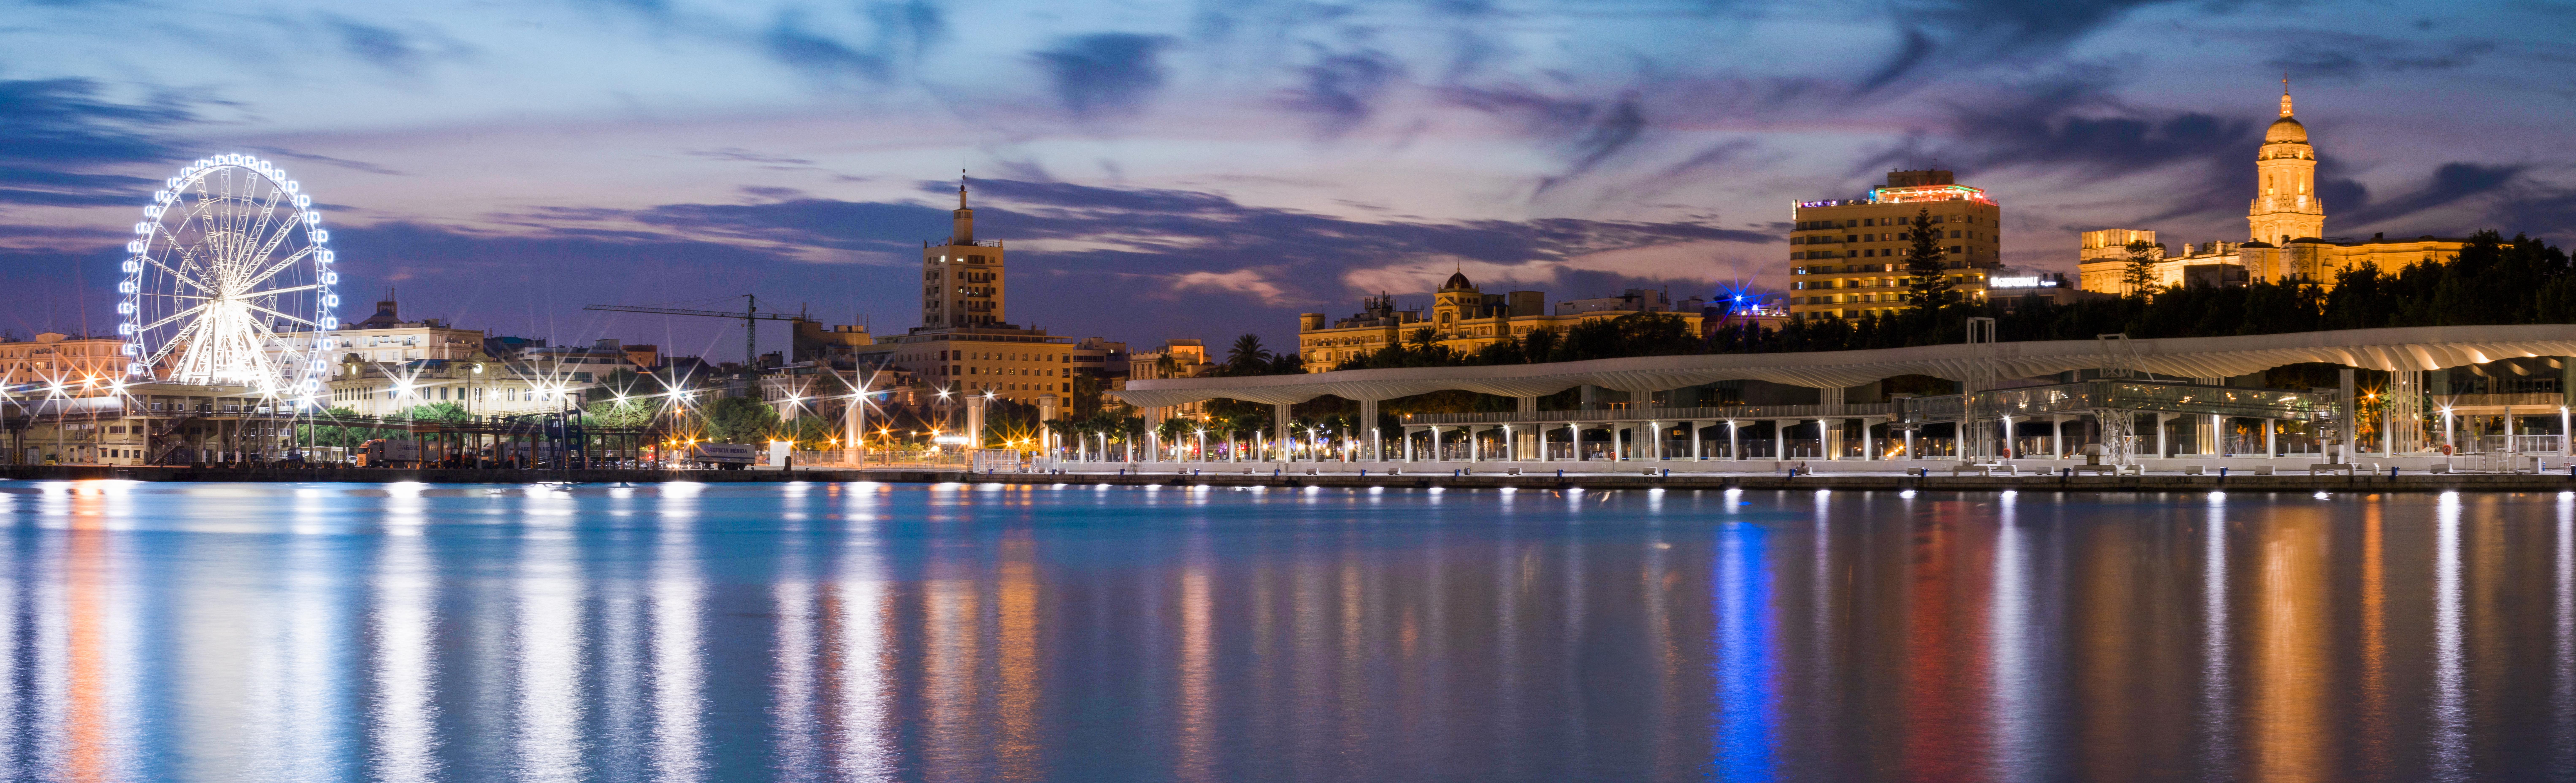 Descubre Málaga en nuestro hotel en el centro de la ciudad